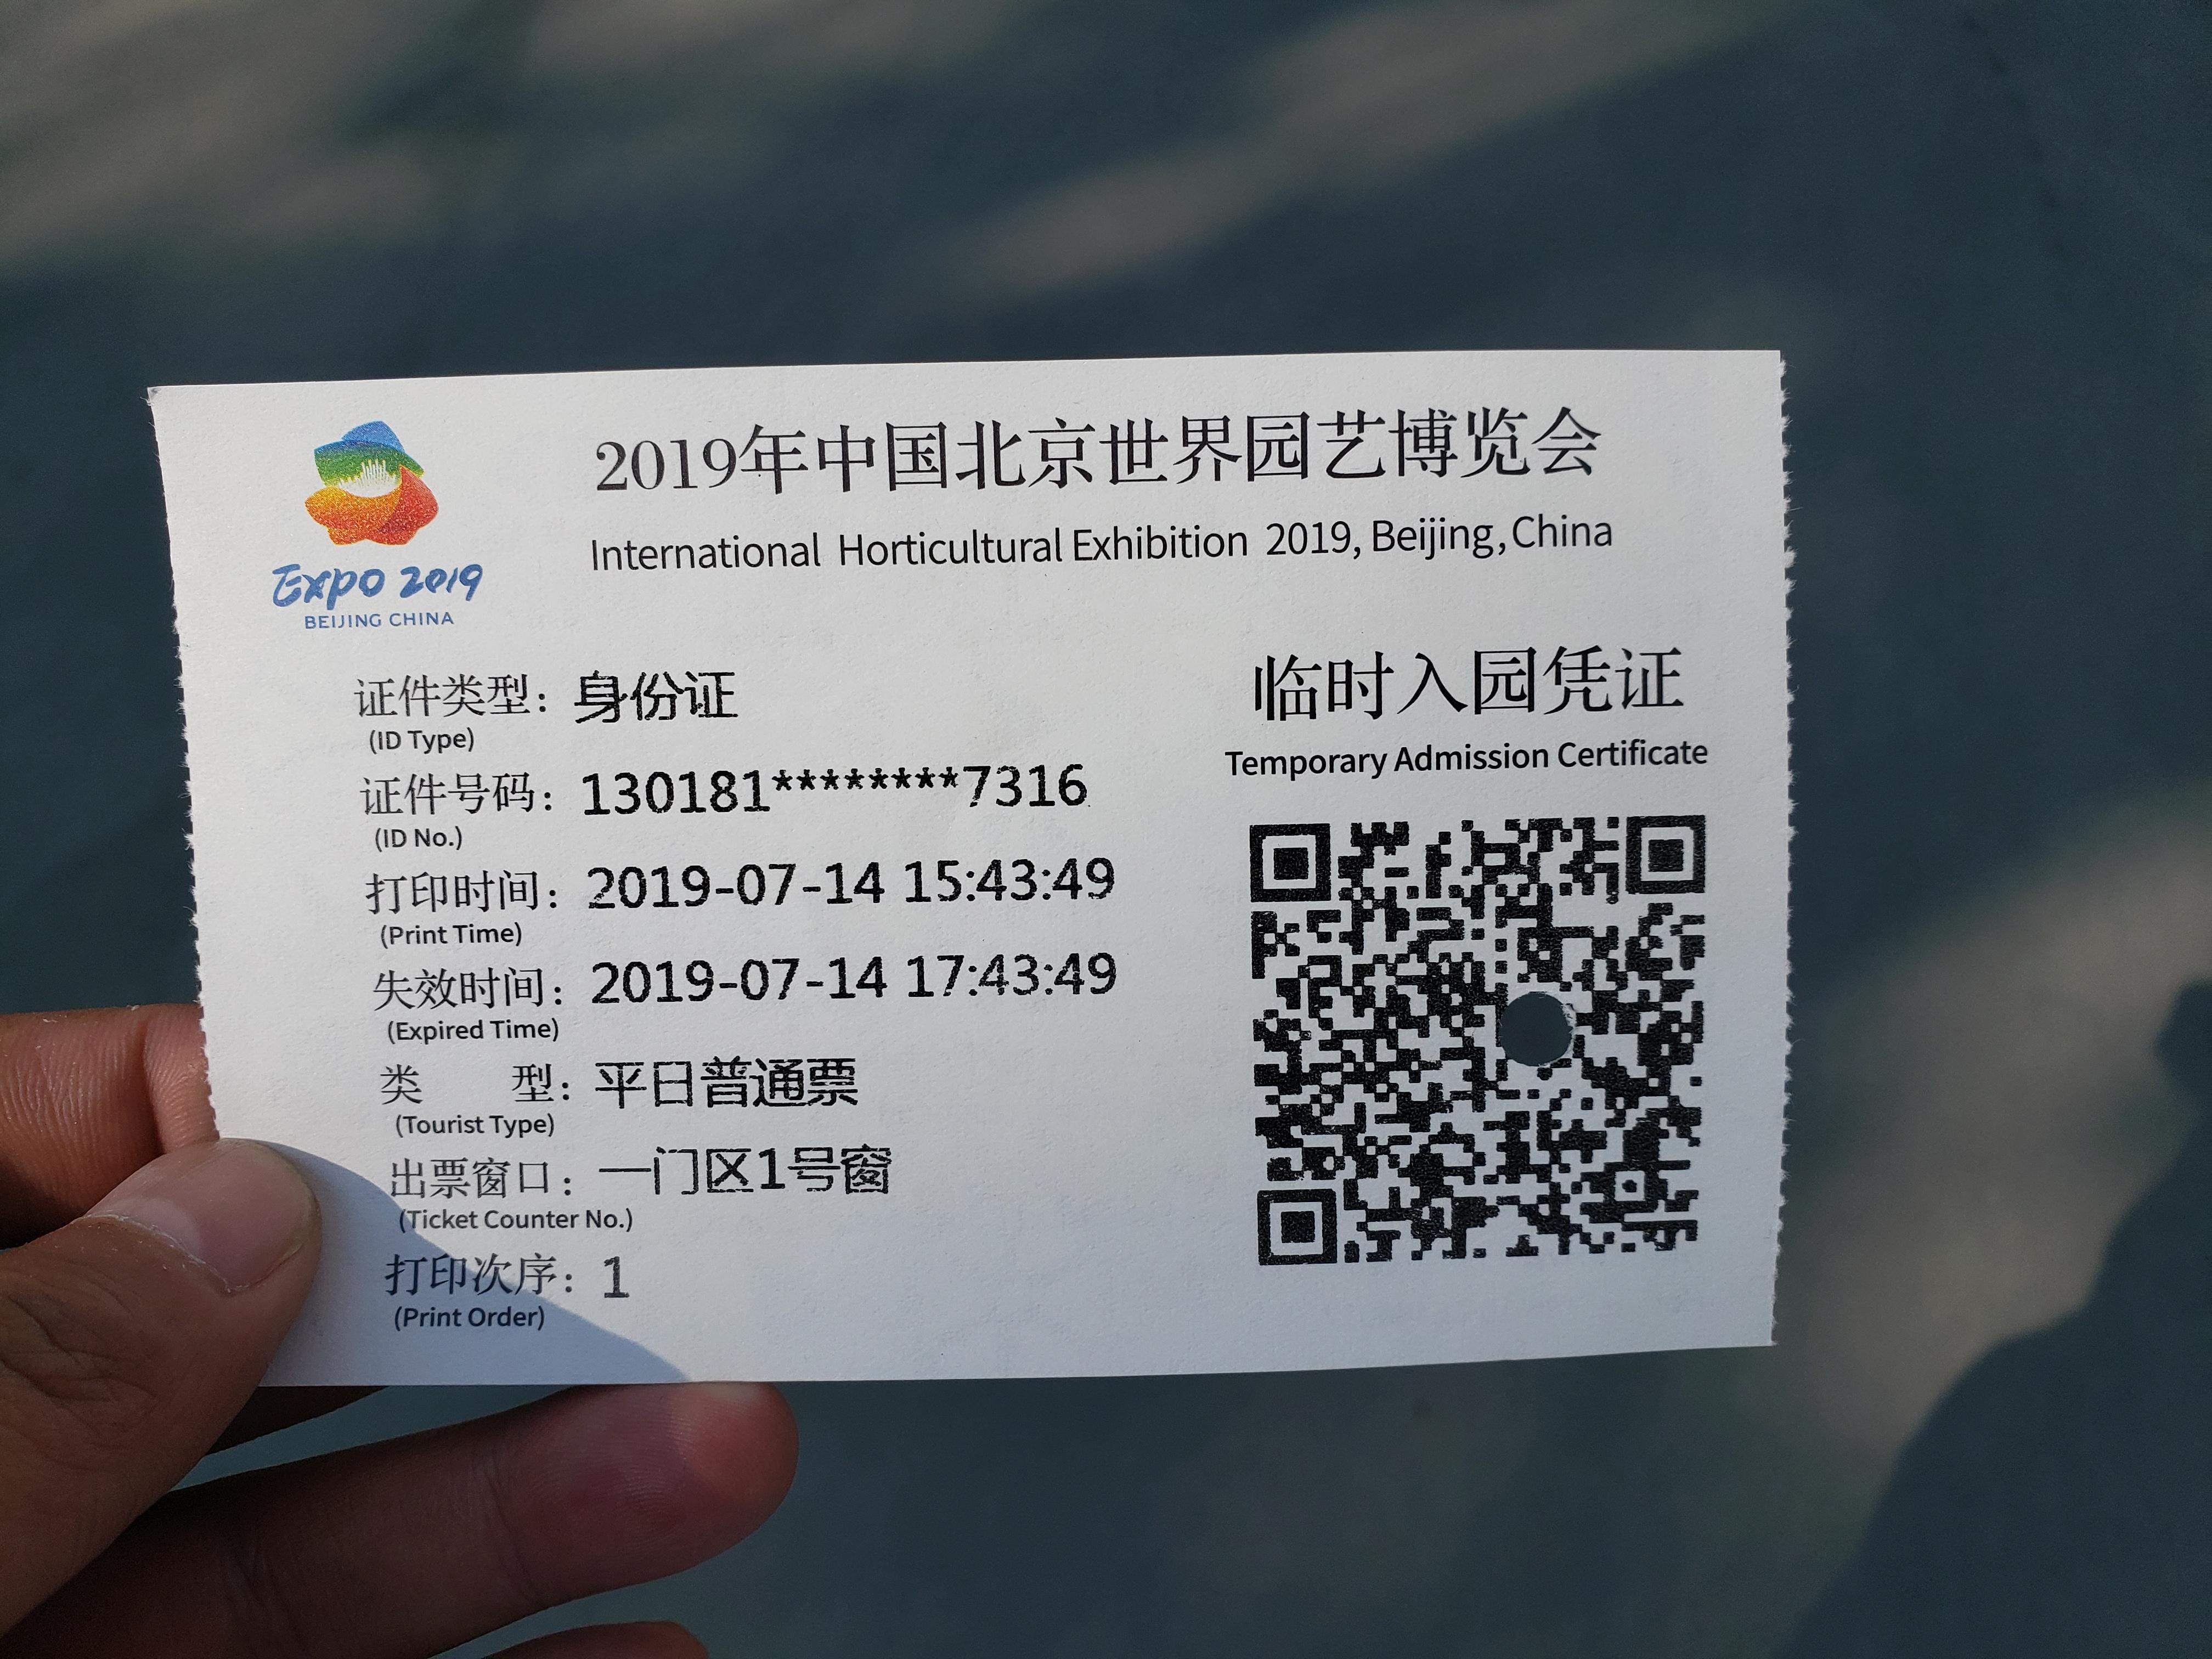 首汽环球北京世园会大巴租车,首汽租车电话_4006222262-首汽环球